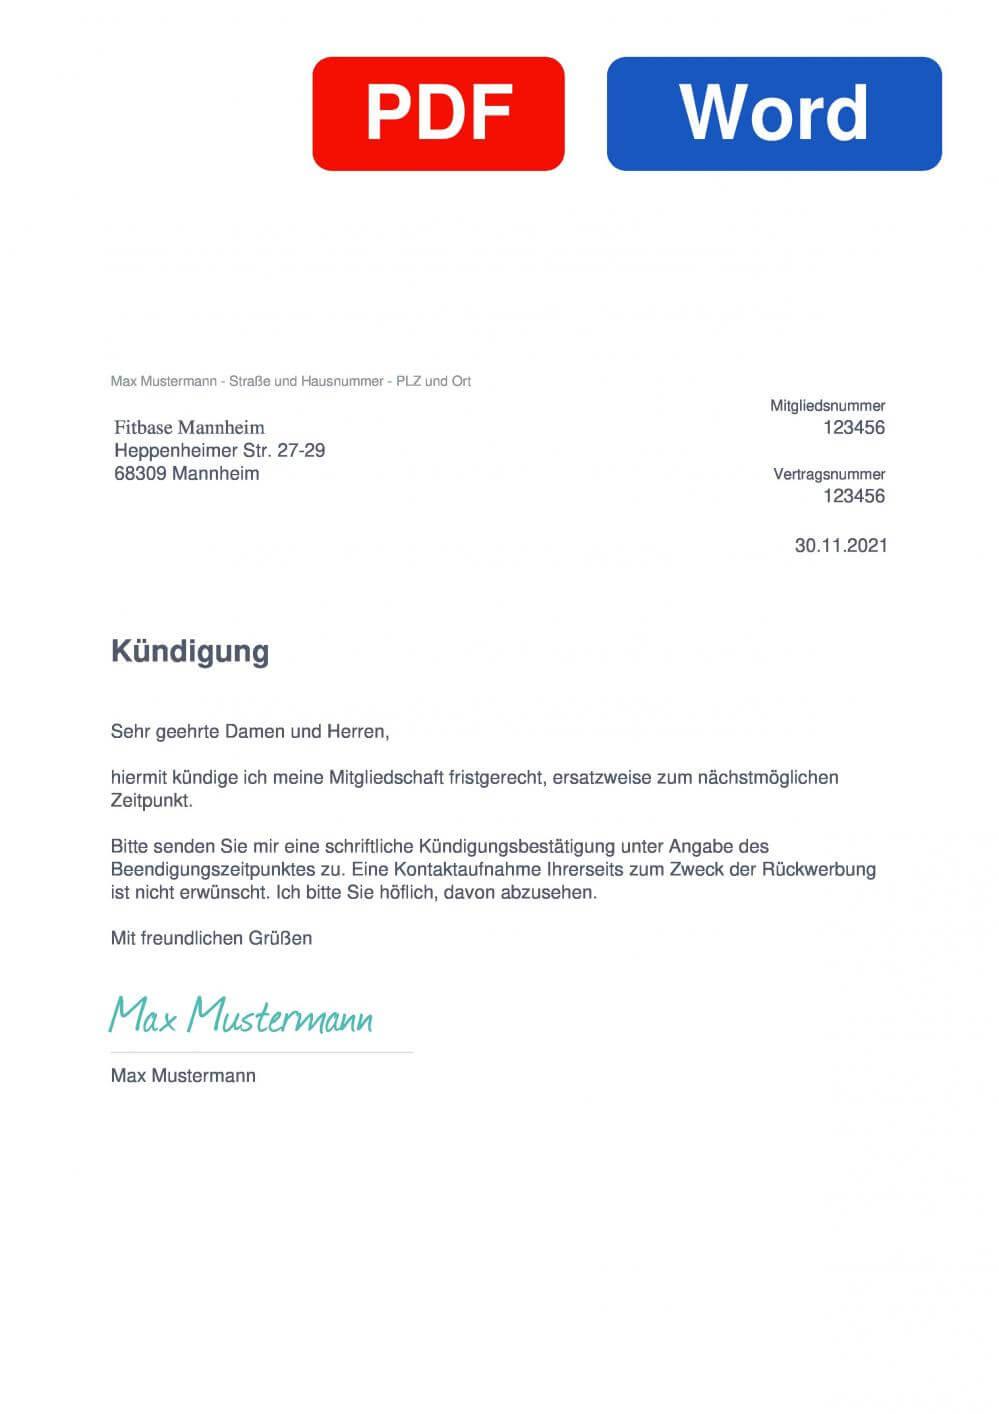 FITBASE Käfertal Muster Vorlage für Kündigungsschreiben